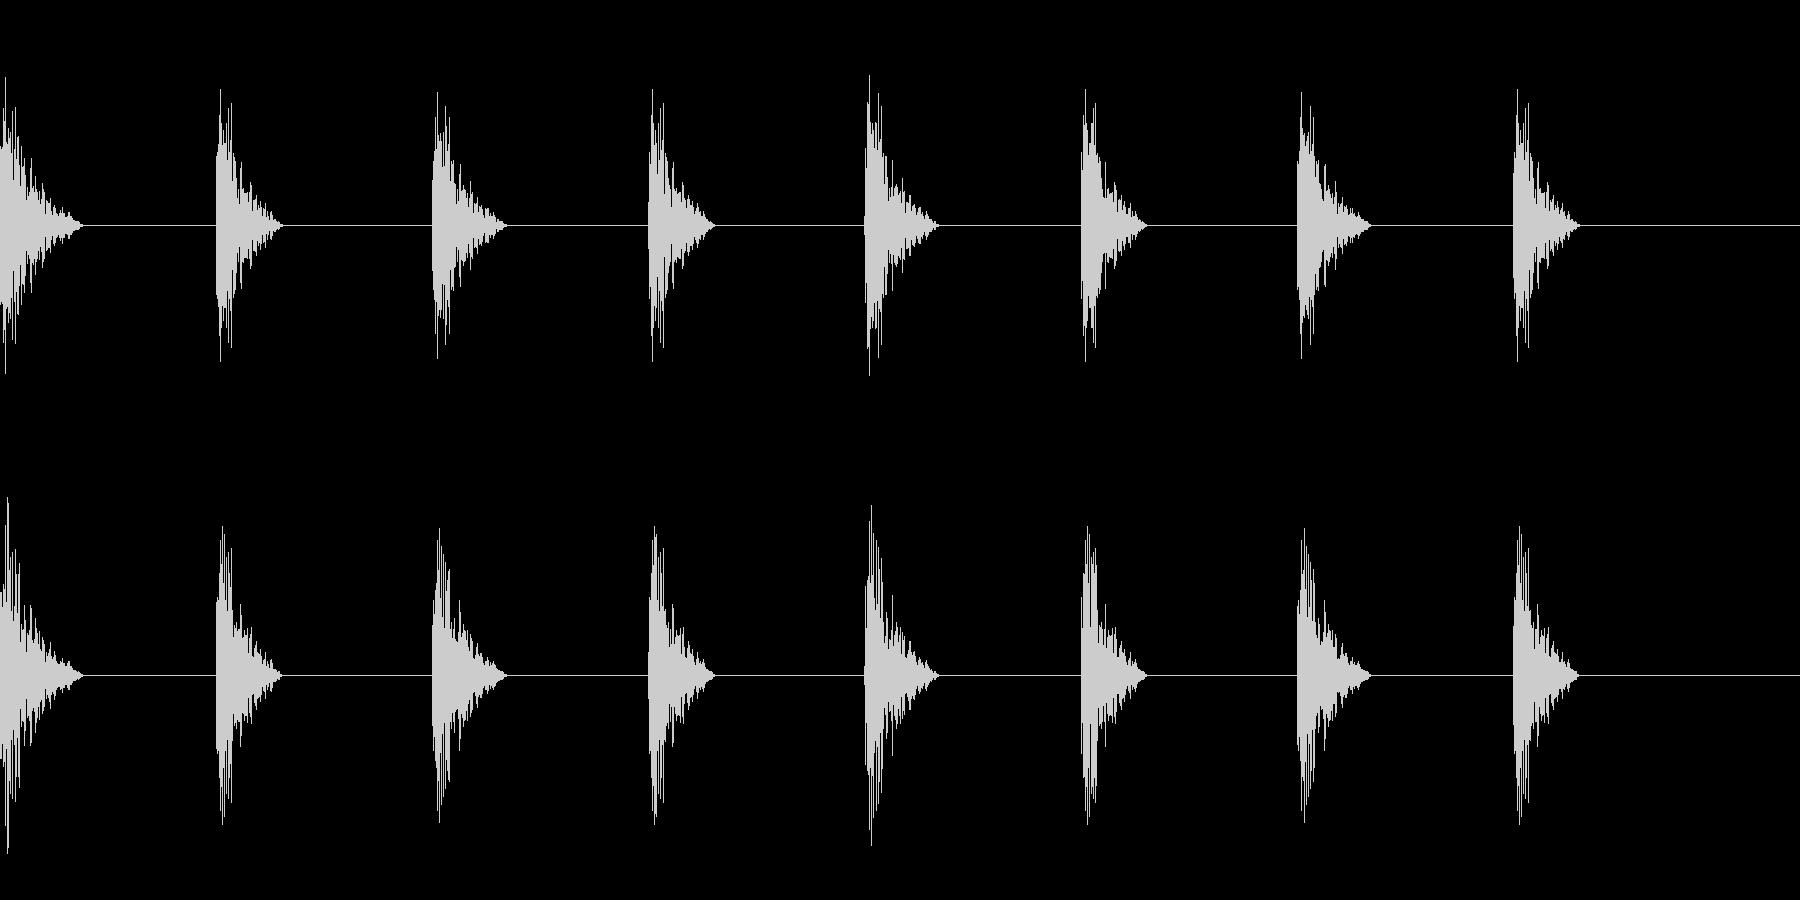 どすん(巨人、歩く、足音)A24の未再生の波形